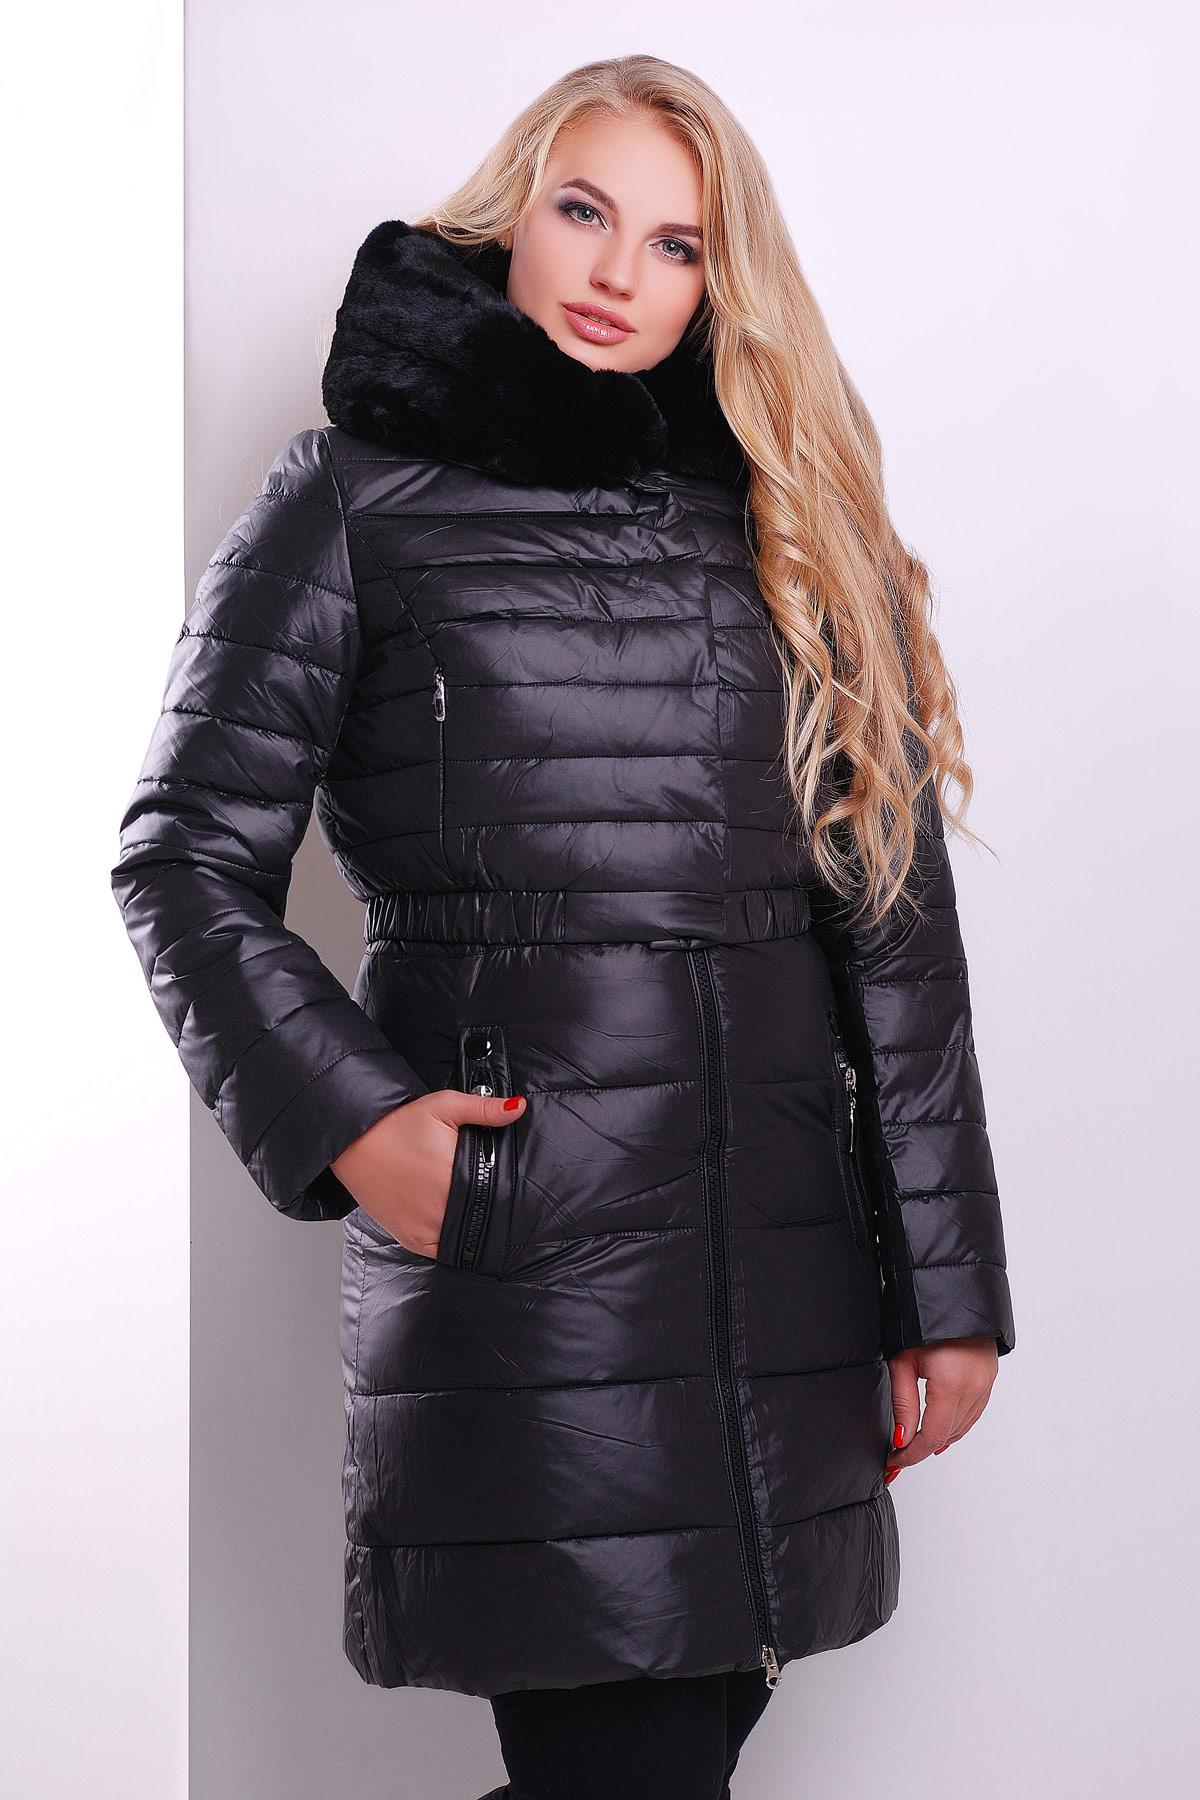 f1c9811a847 Зимняя куртка-двойка красного цвета. Куртка 13. Цвет  черный